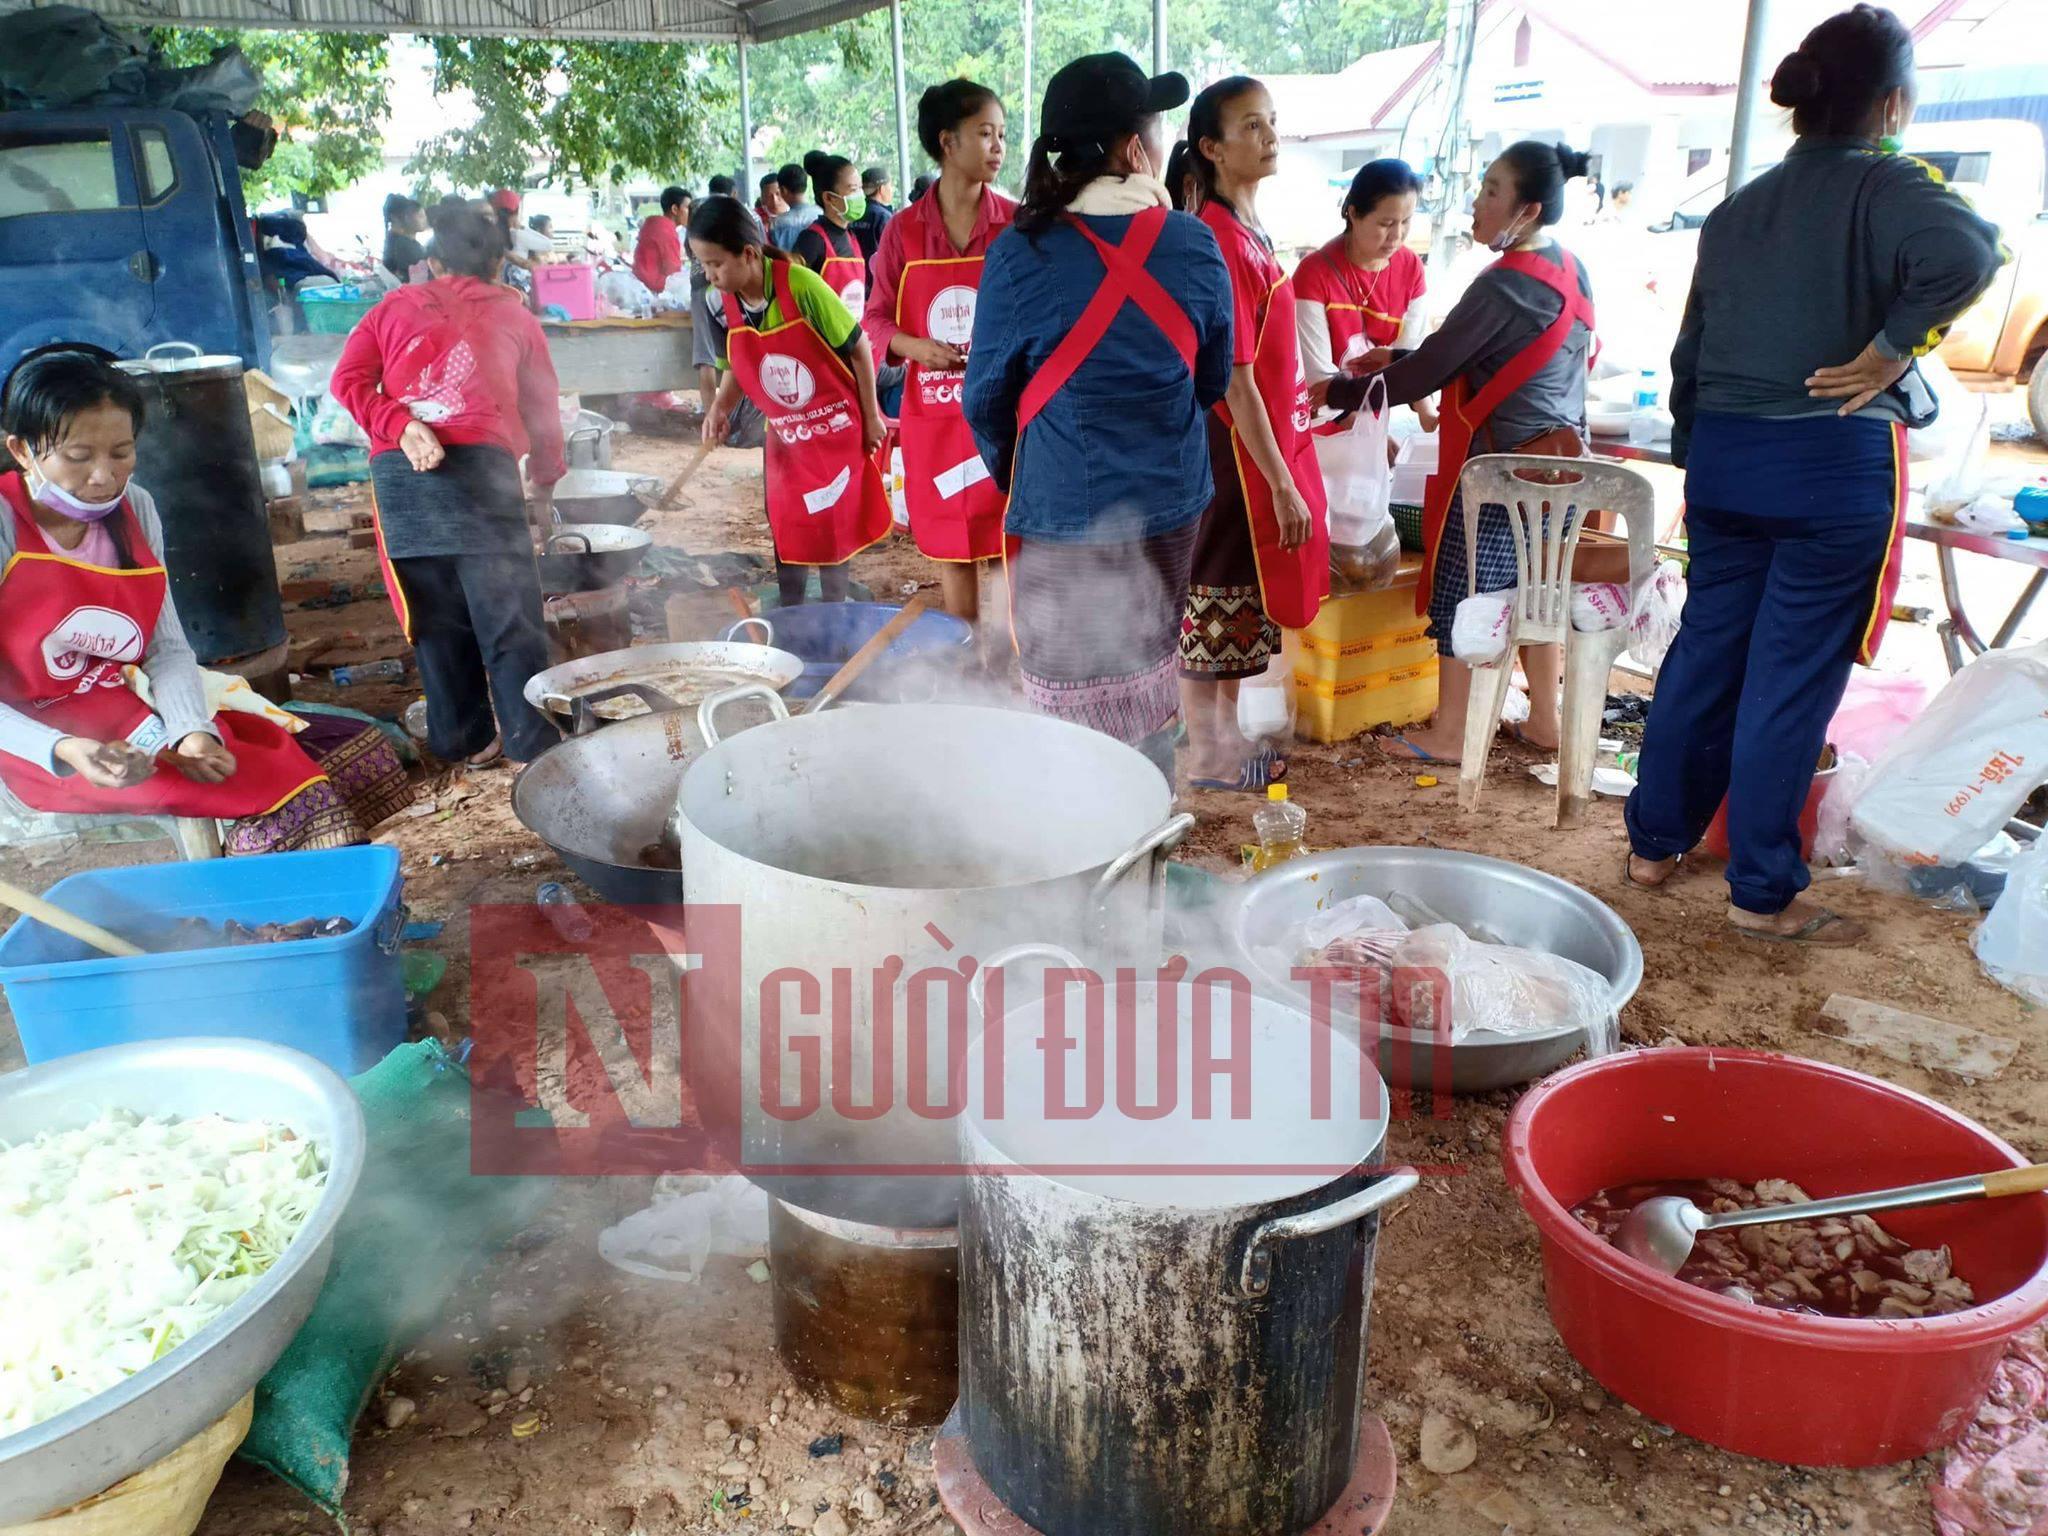 Vỡ đập thủy điện Lào: Cận cảnh công tác cứu hộ tại nơi cơn lũ vừa càn quét - Ảnh 12